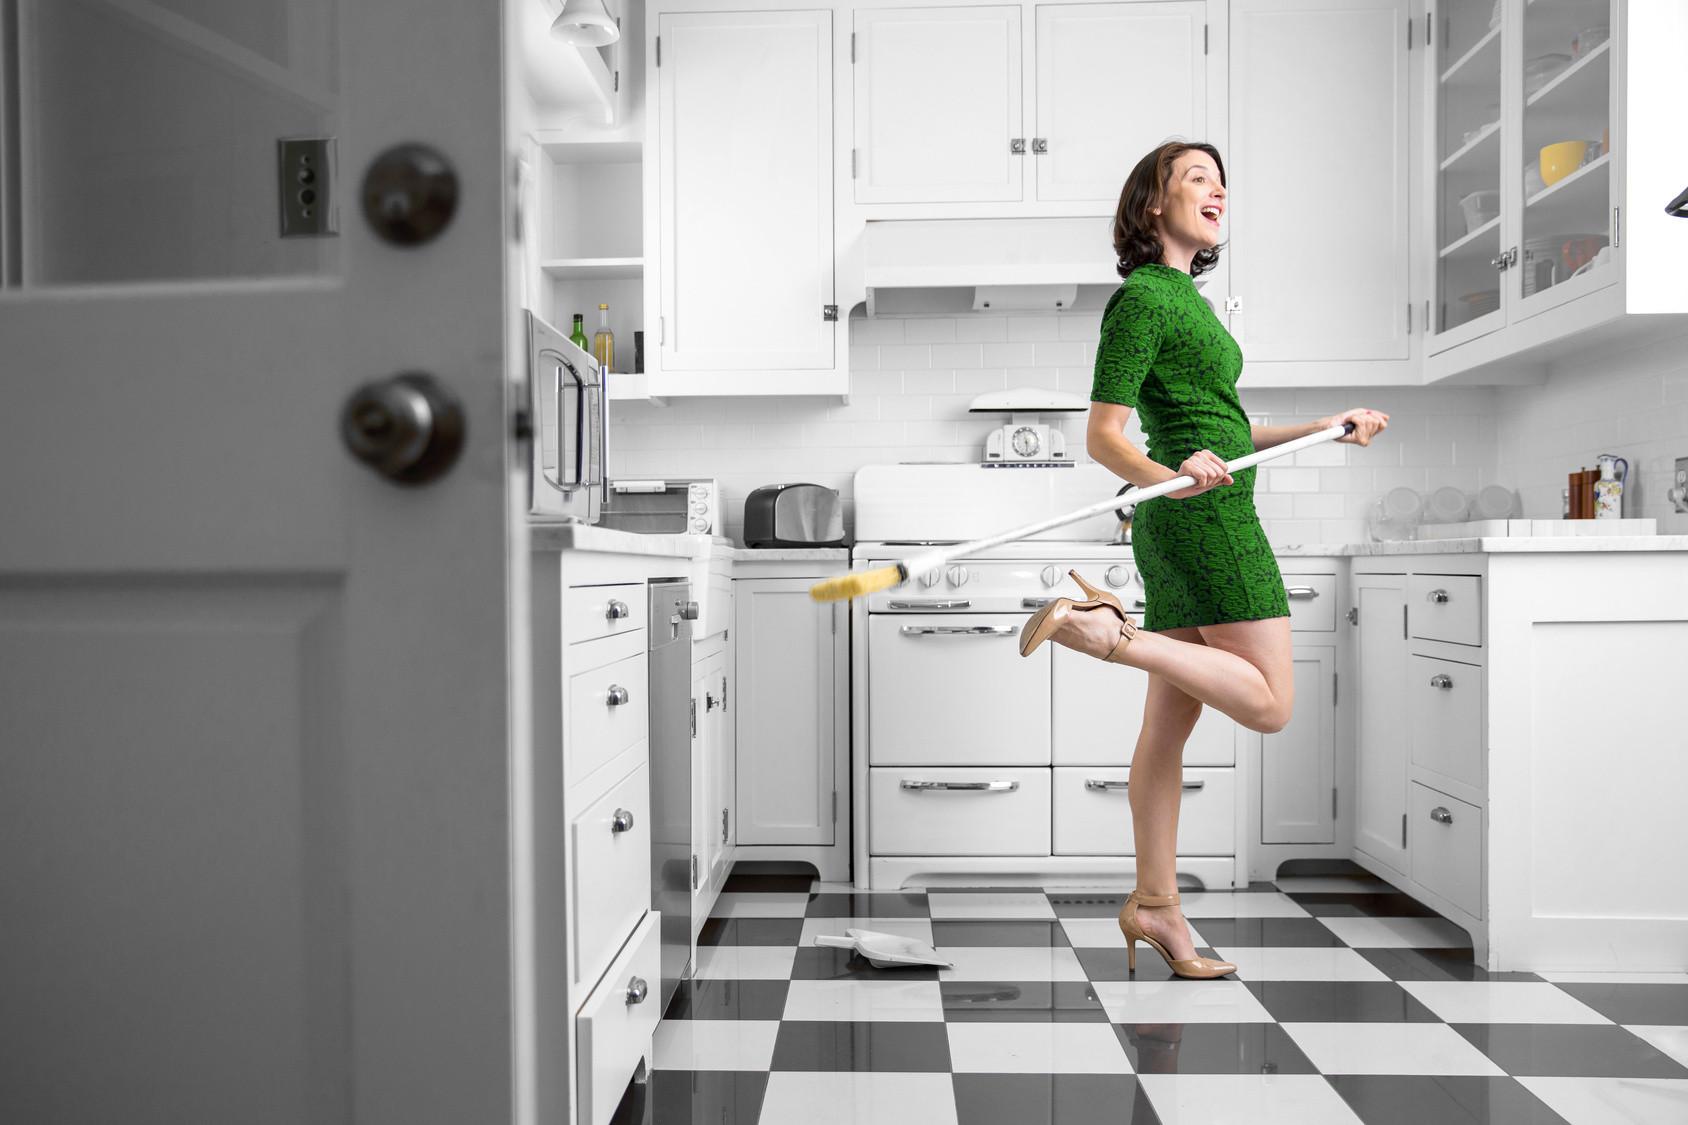 Badezimmer Fliesen Reinigen  Fliesen reinigen 8 Tipps & Tricks Haushaltstipps